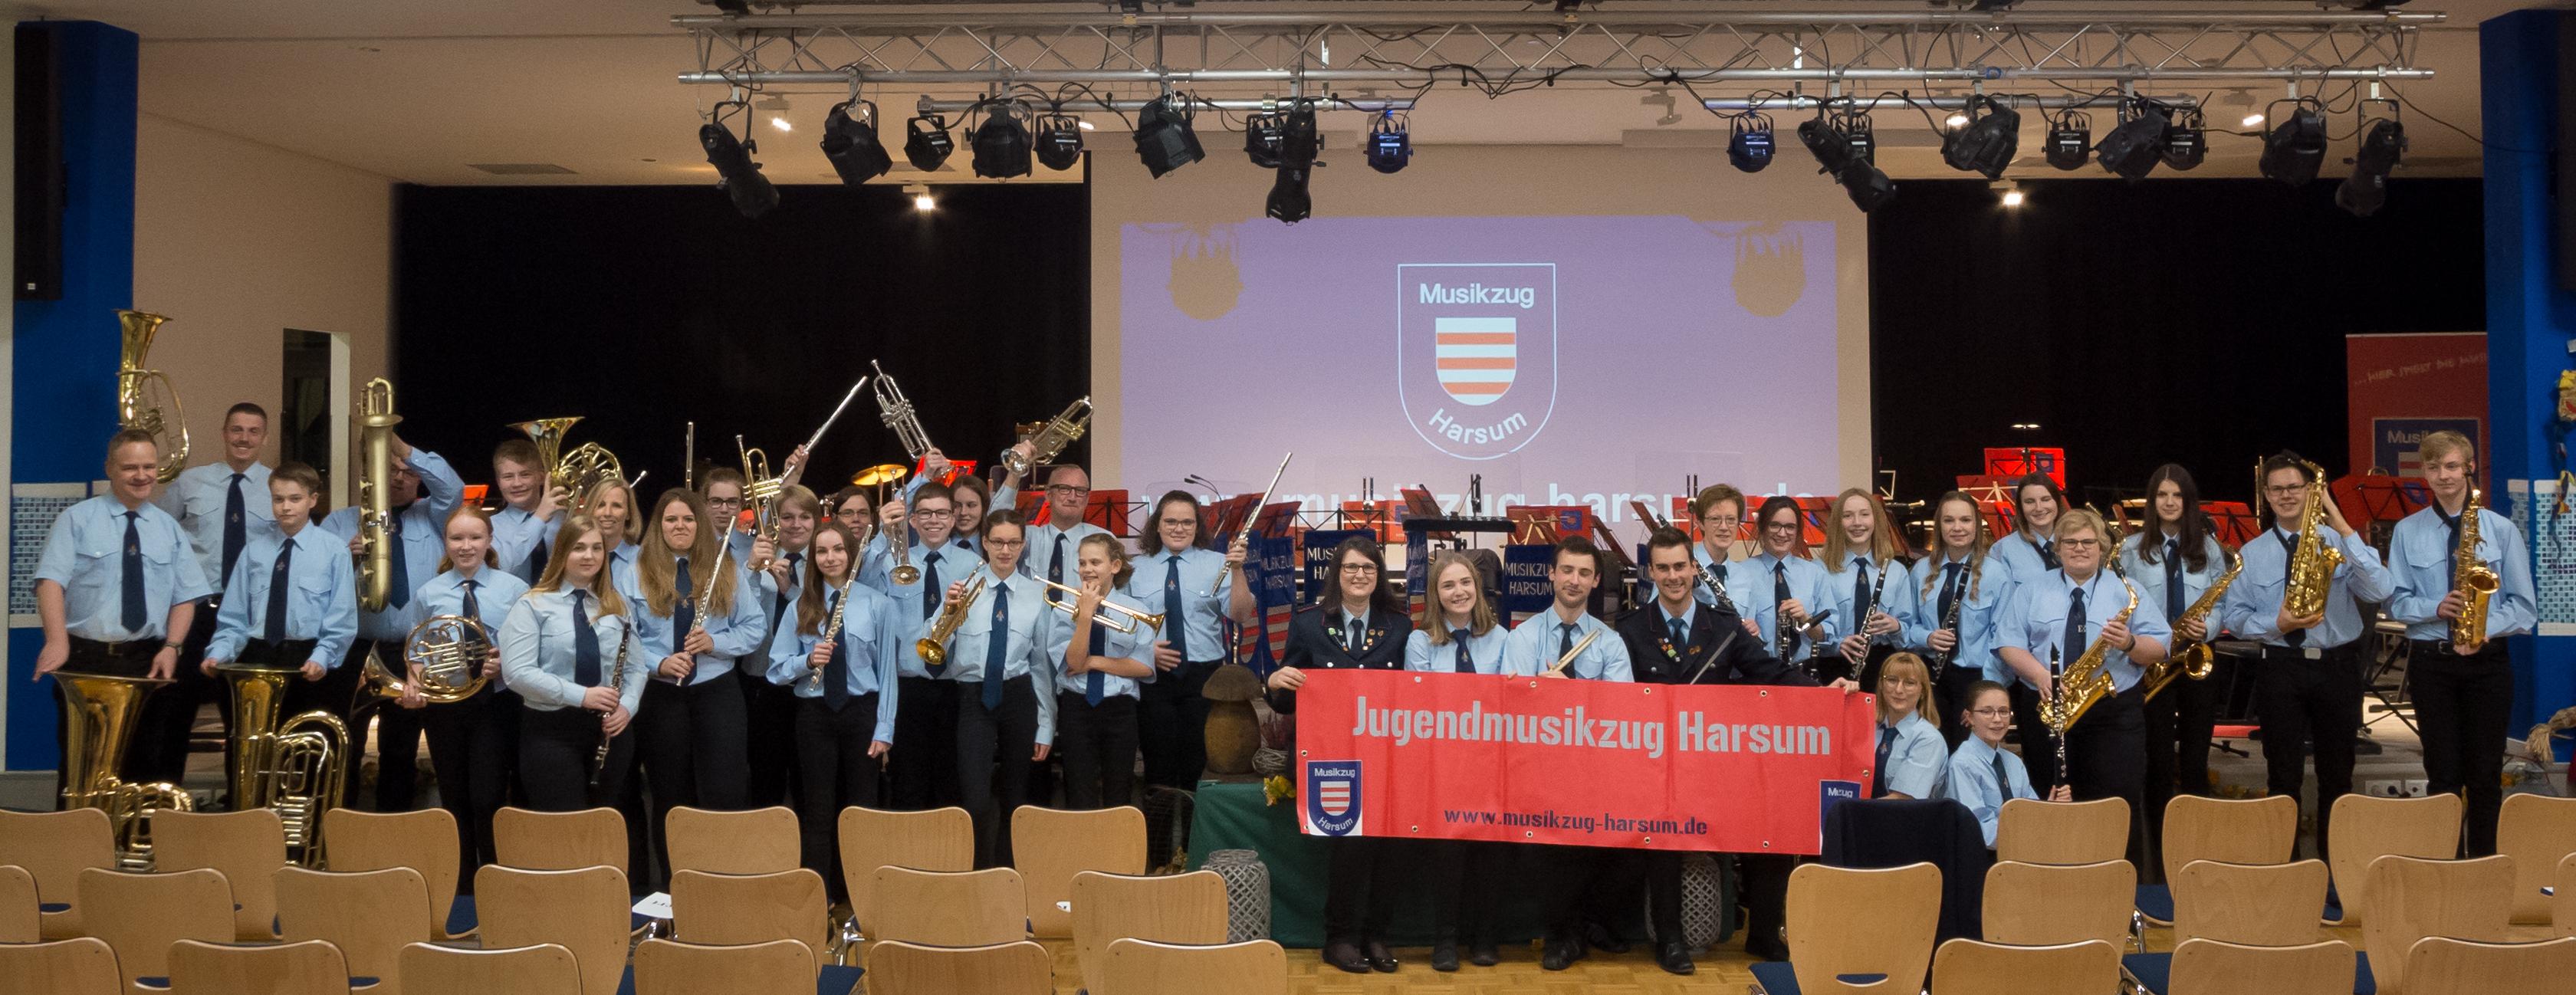 Jugendorchester im Jahr 2011